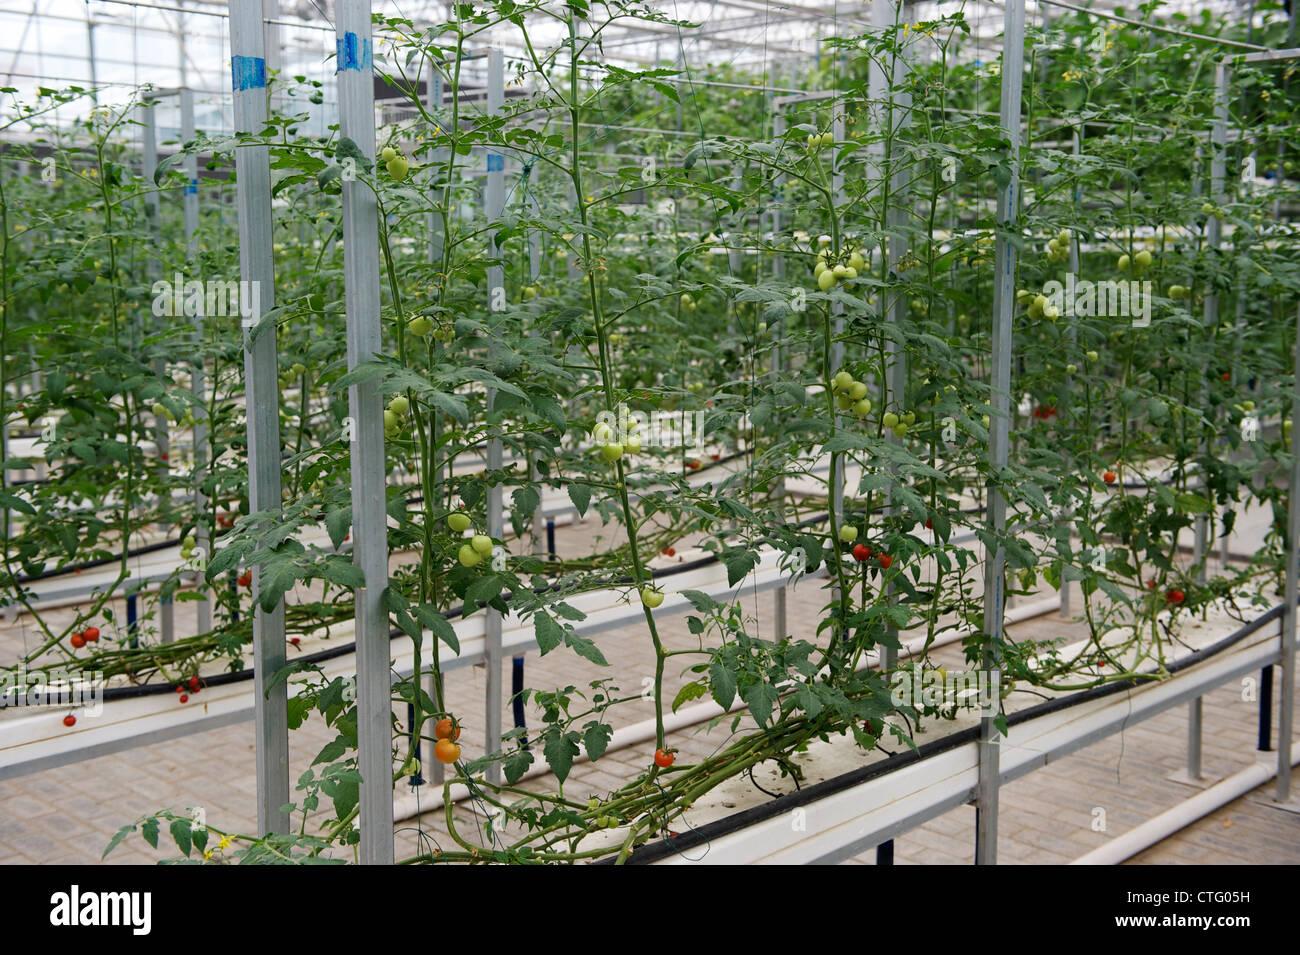 La tomate cultivée avec du liquide nutritif en Chine. Photo Stock